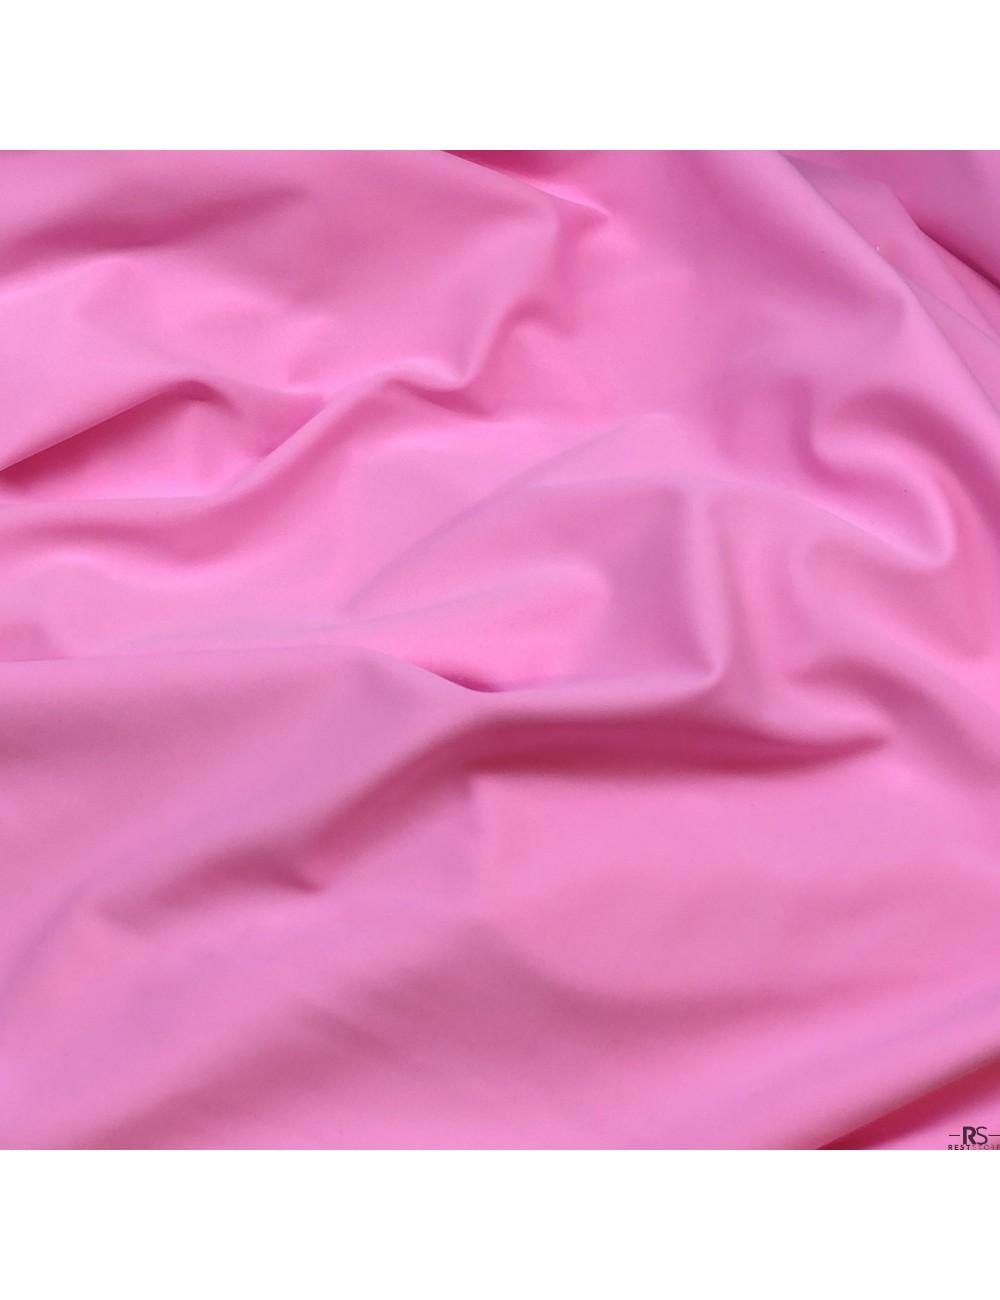 9c3d306f51144b tkanina elastyczna, dzianina, lajkra na stroje do tańca i stroje kąpielowe  , różowa